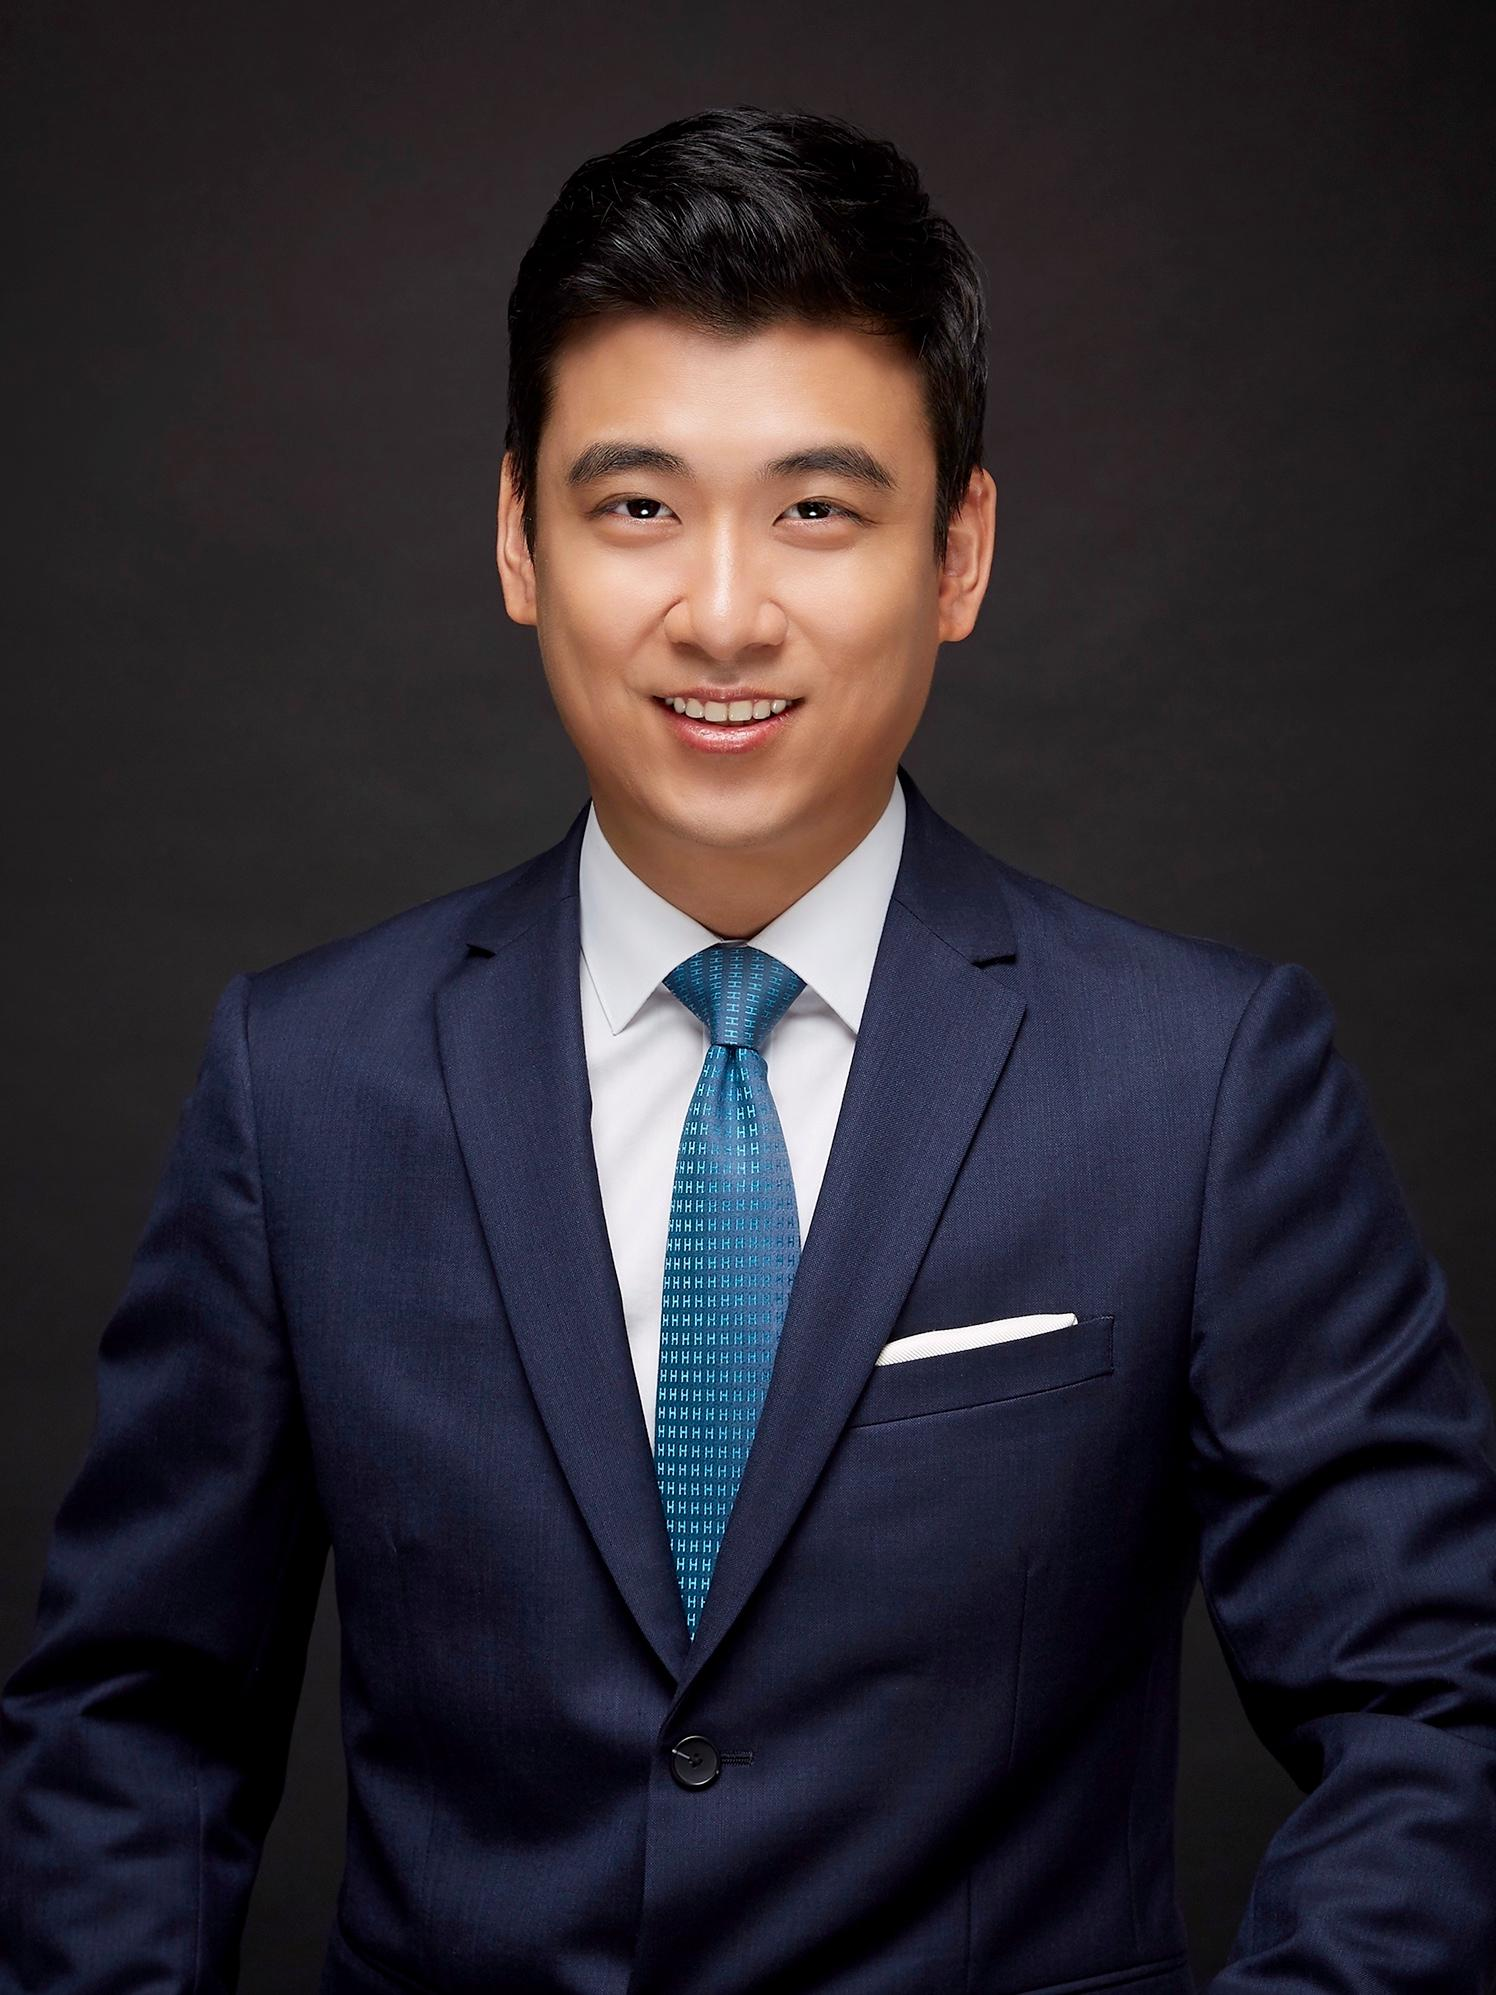 SHAWN SUNGHYUN JEONG Your Financial Advisor